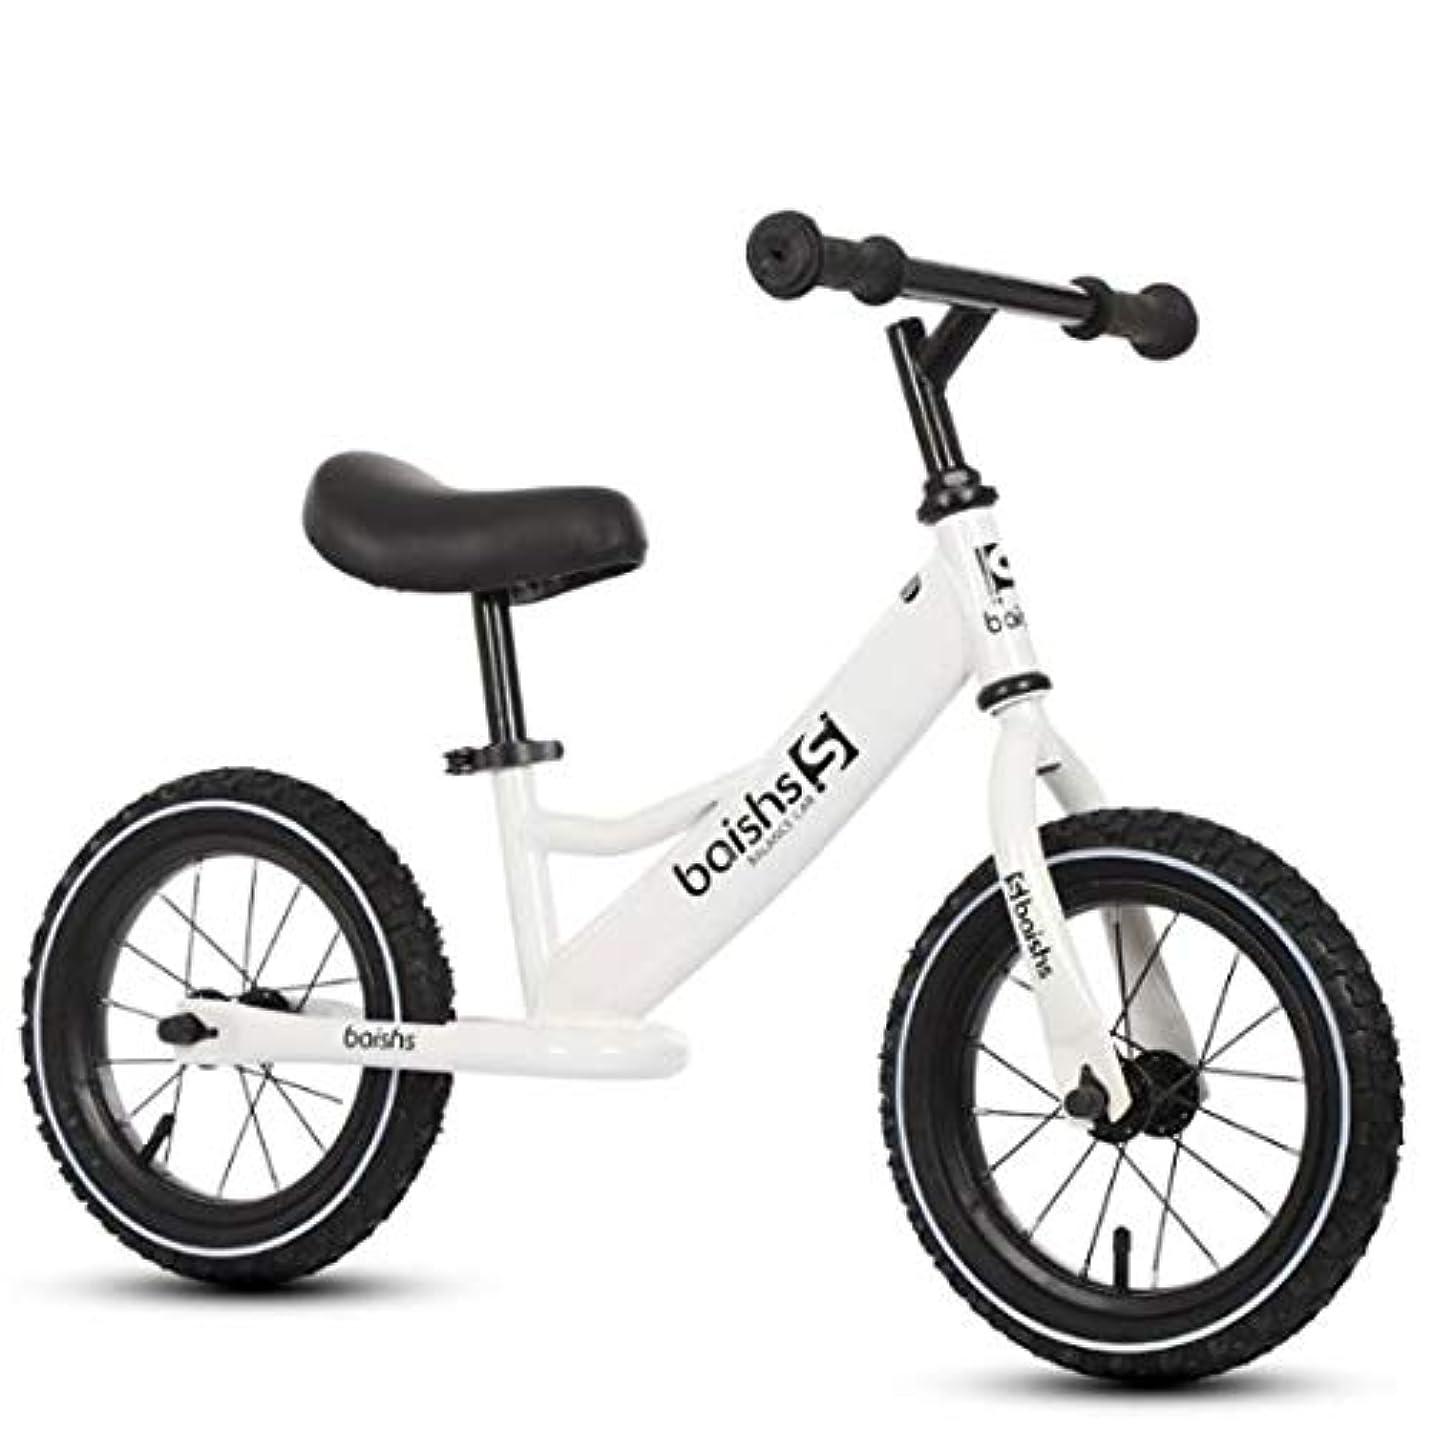 複雑でないしなやか面積ペダルなし自転車 バランスバイク バランスバイク、12インチ幼児ストライダーバイク、子供たちは自転車を押して、調節可能なスチールノーペダル自転車、2-4歳用 (Color : White)